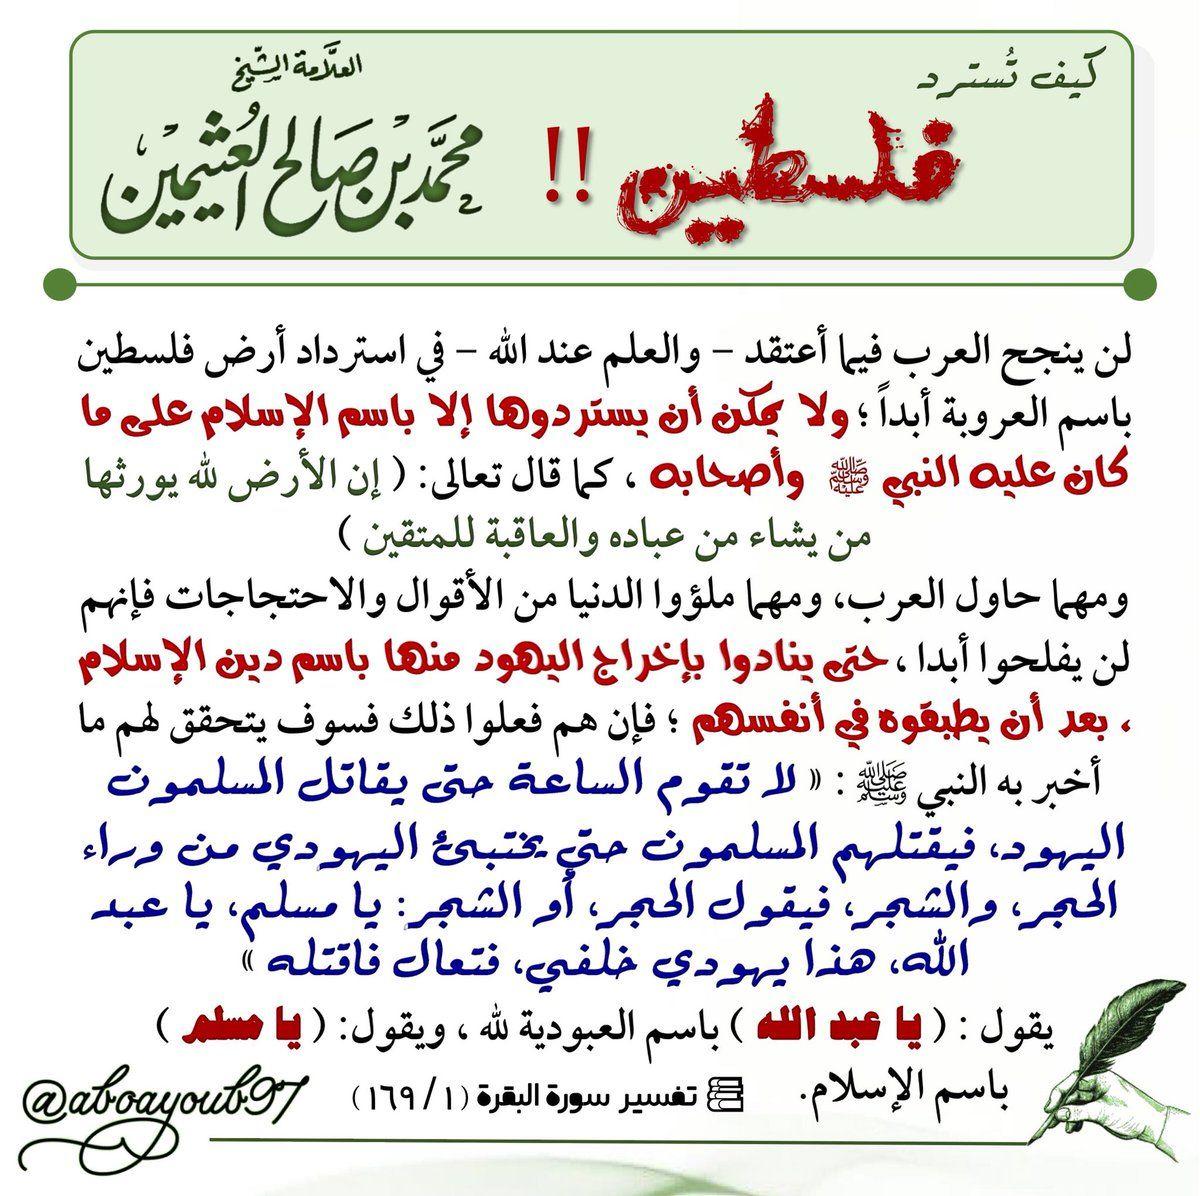 أبو أيوب السليمان Aboayoub97 تويتر